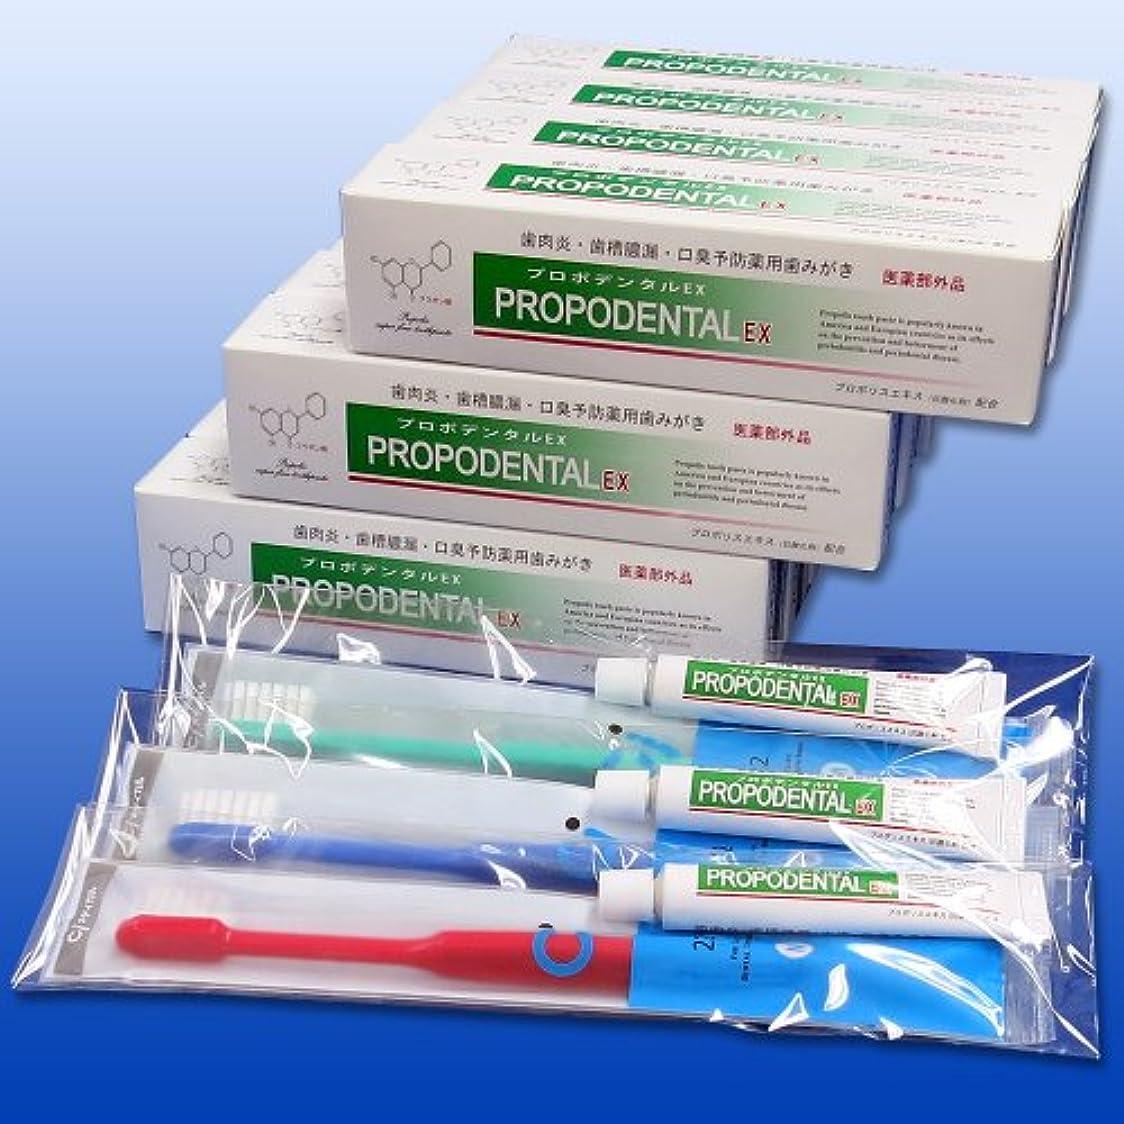 単なる気楽なアーカイブプロポデンタルEX(80g)12本セット+ハブラシセット 3セット【歯周病】歯磨き粉 プロポリス配合薬用歯みがき 口臭ケア